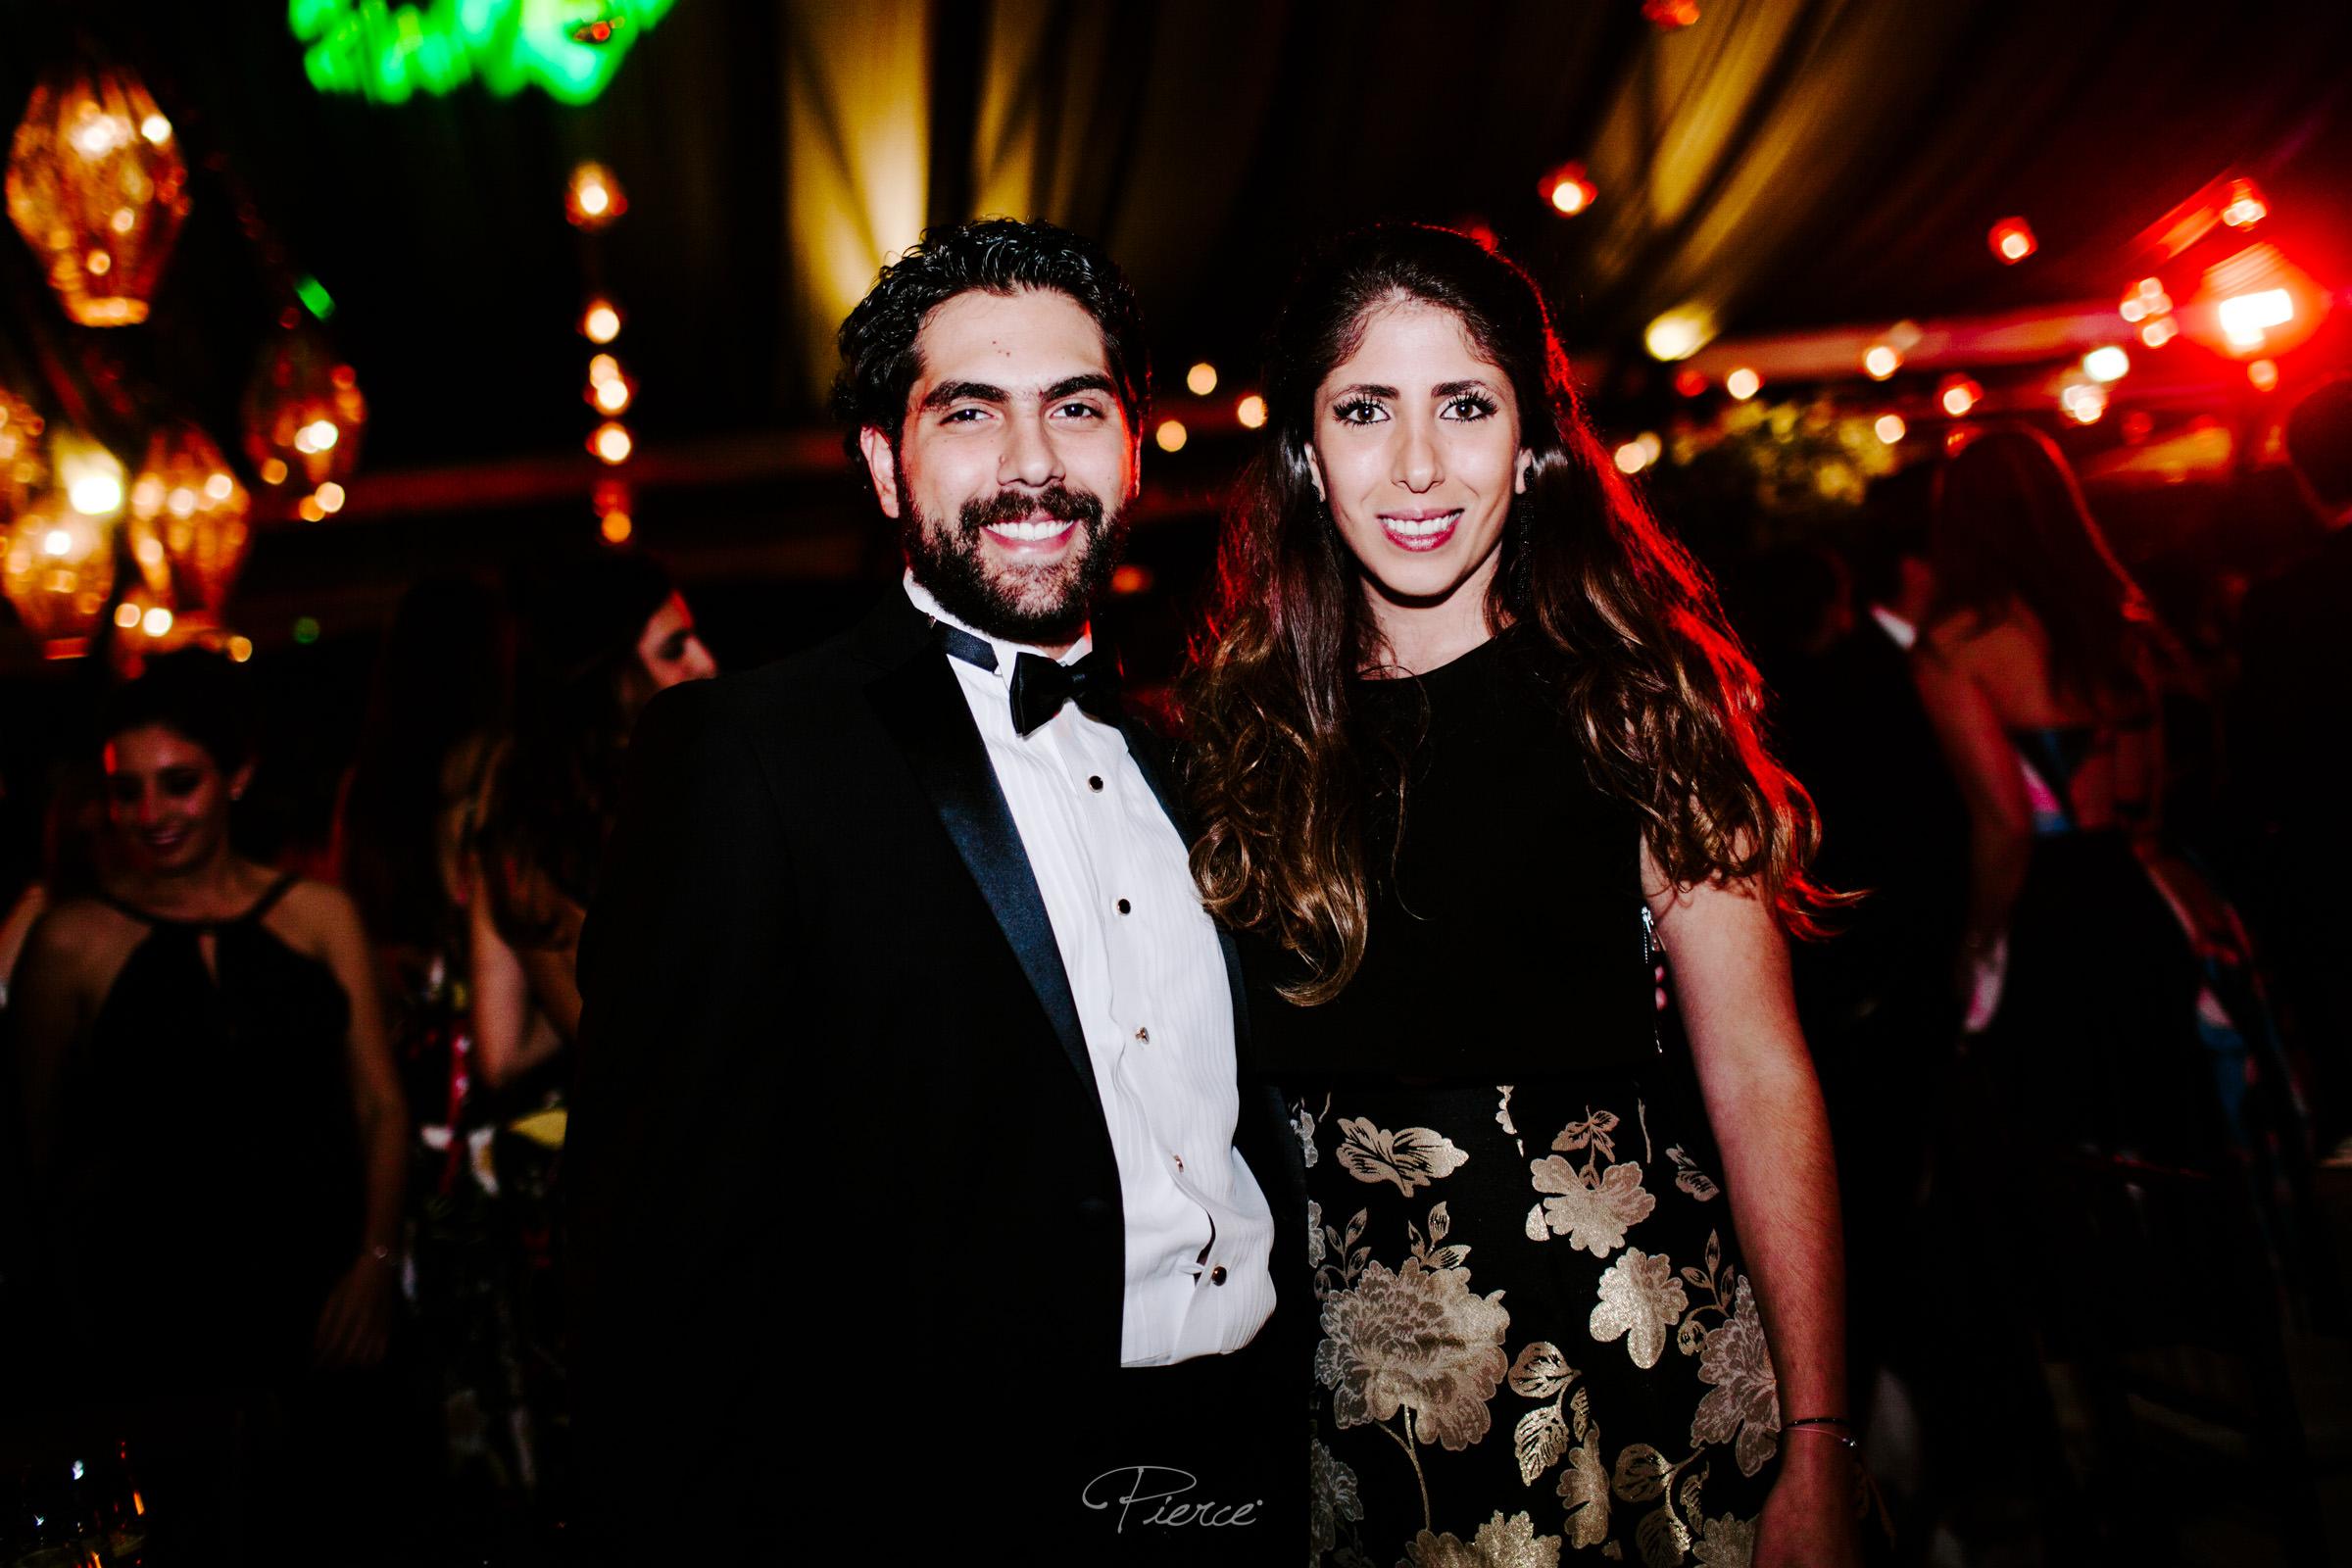 fotografia-de-boda-valle-de-bravo-mexico-rosmarino-pierce-weddings-0203.JPG